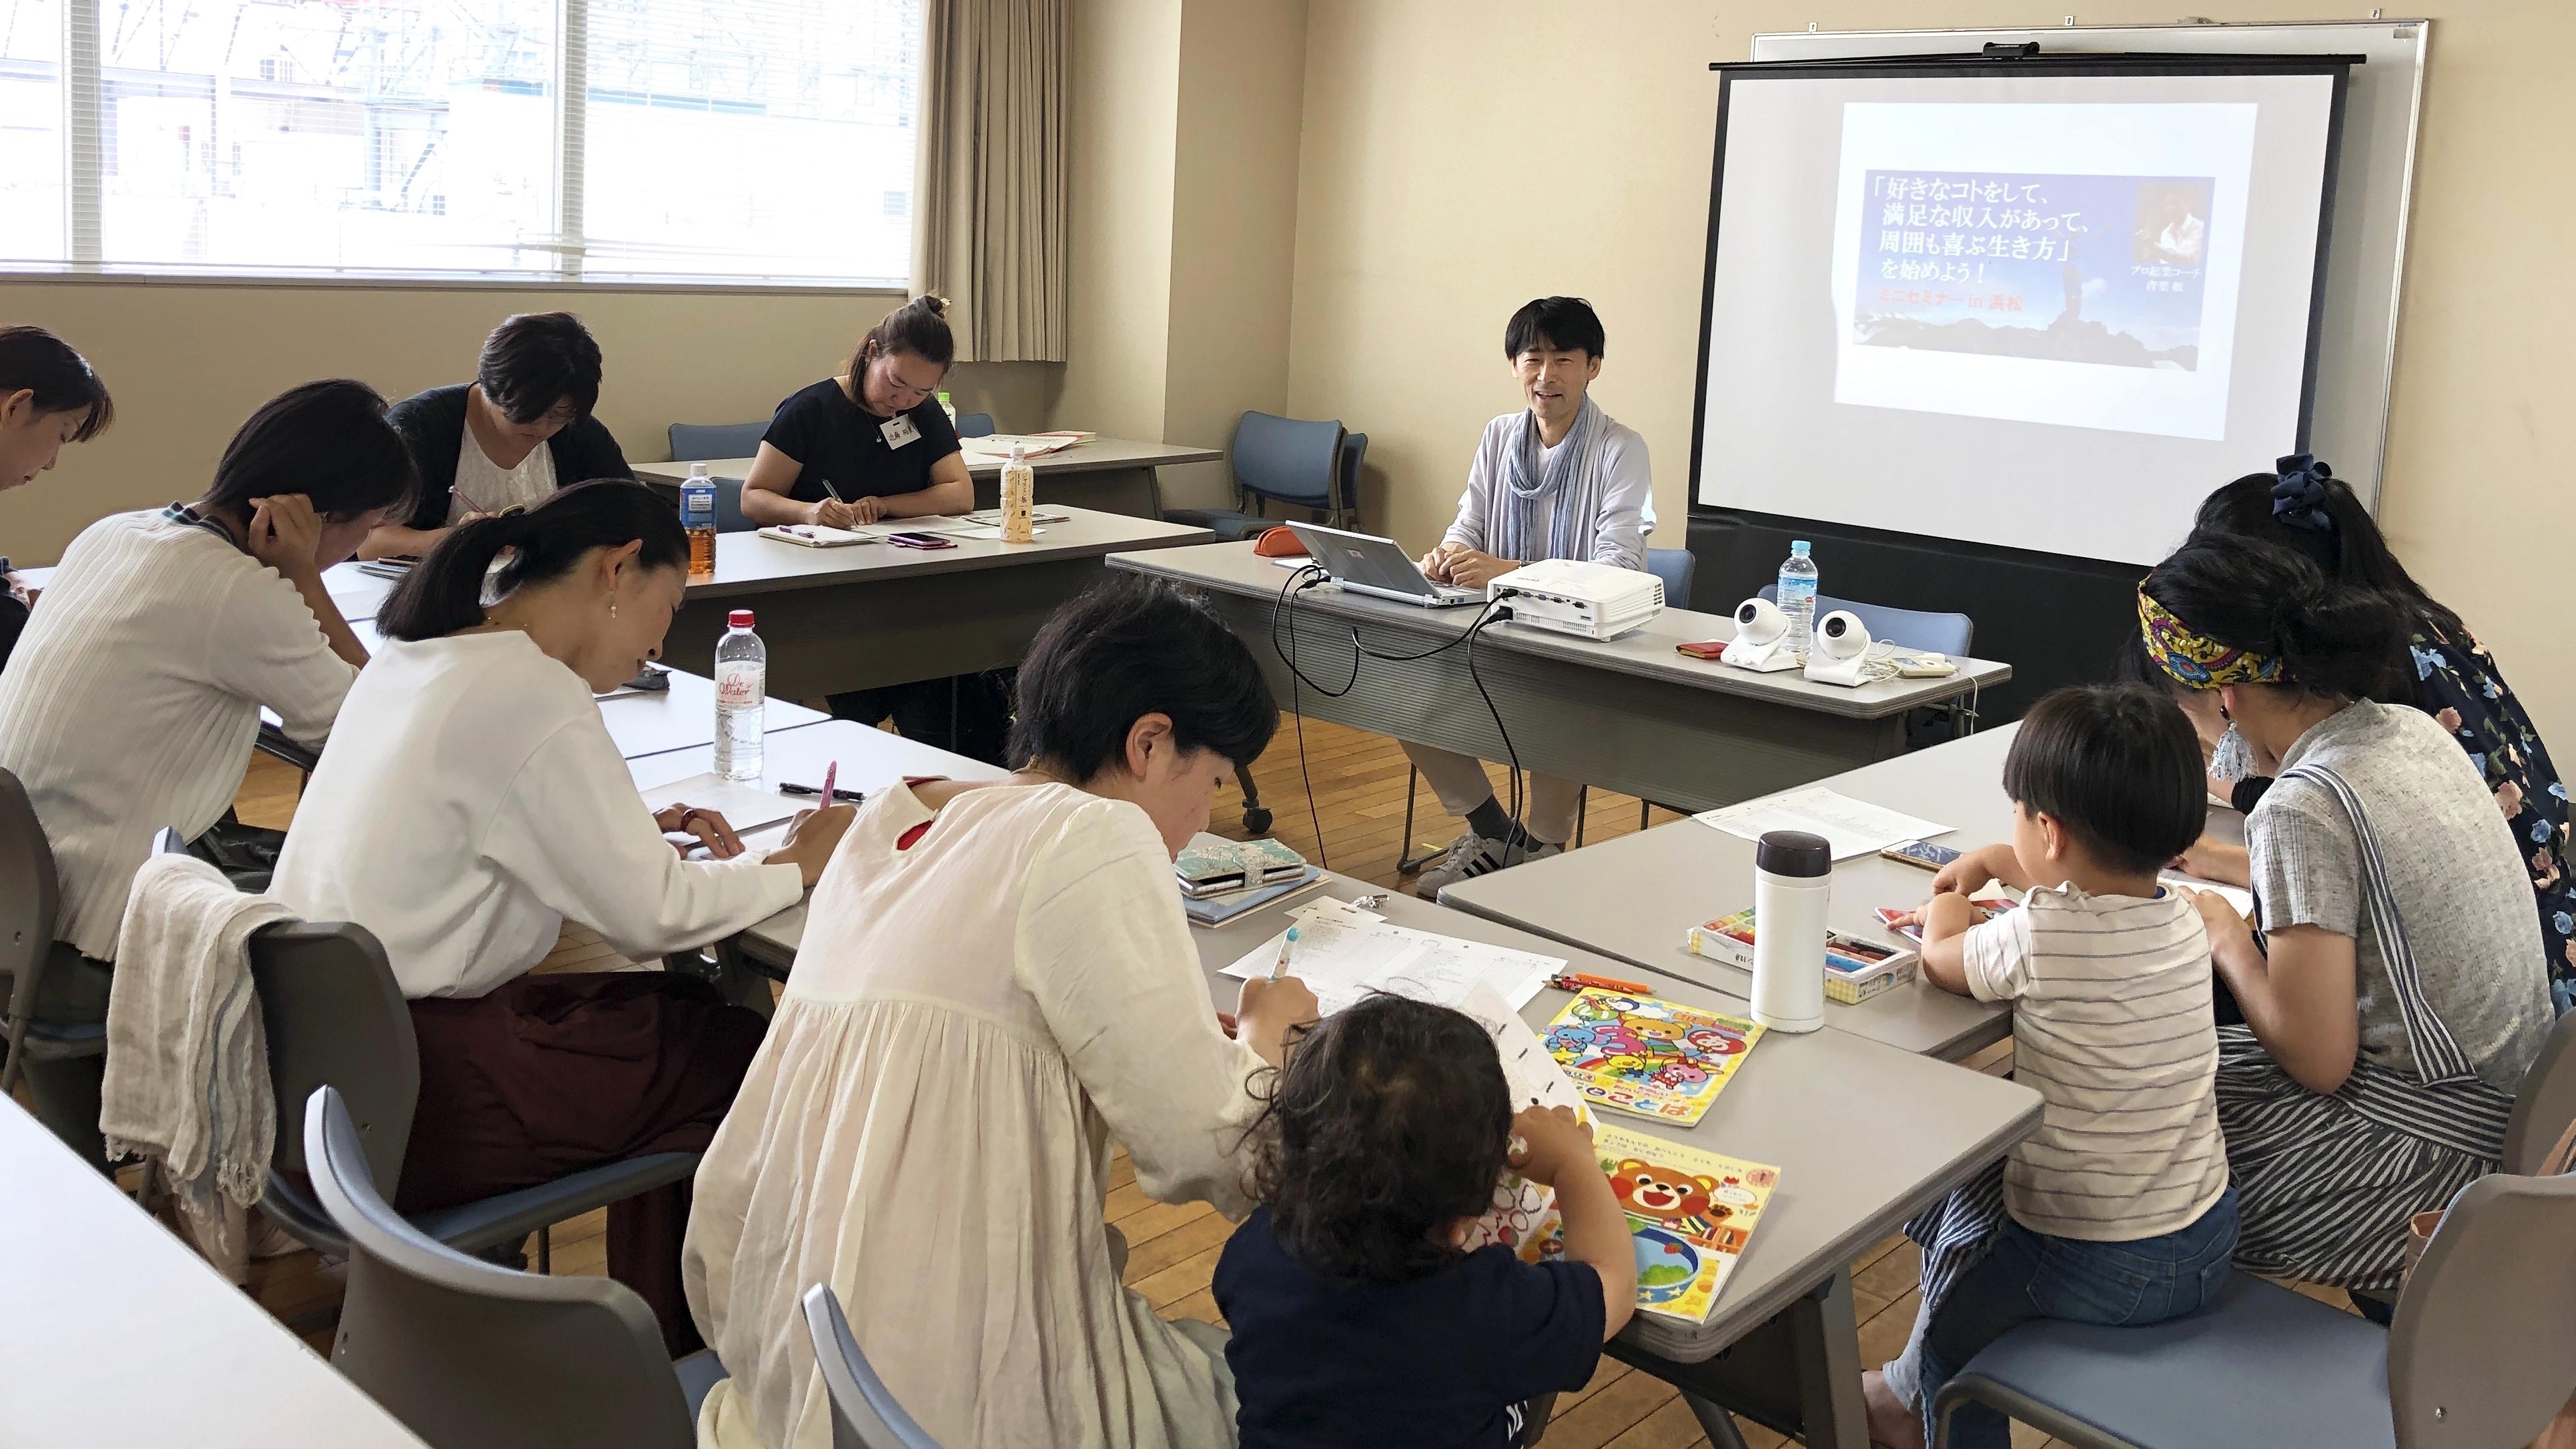 【参加者の声・浜松ミニセミナー休日版開催】自分らしい働き方、収入、生き方を考えよう!